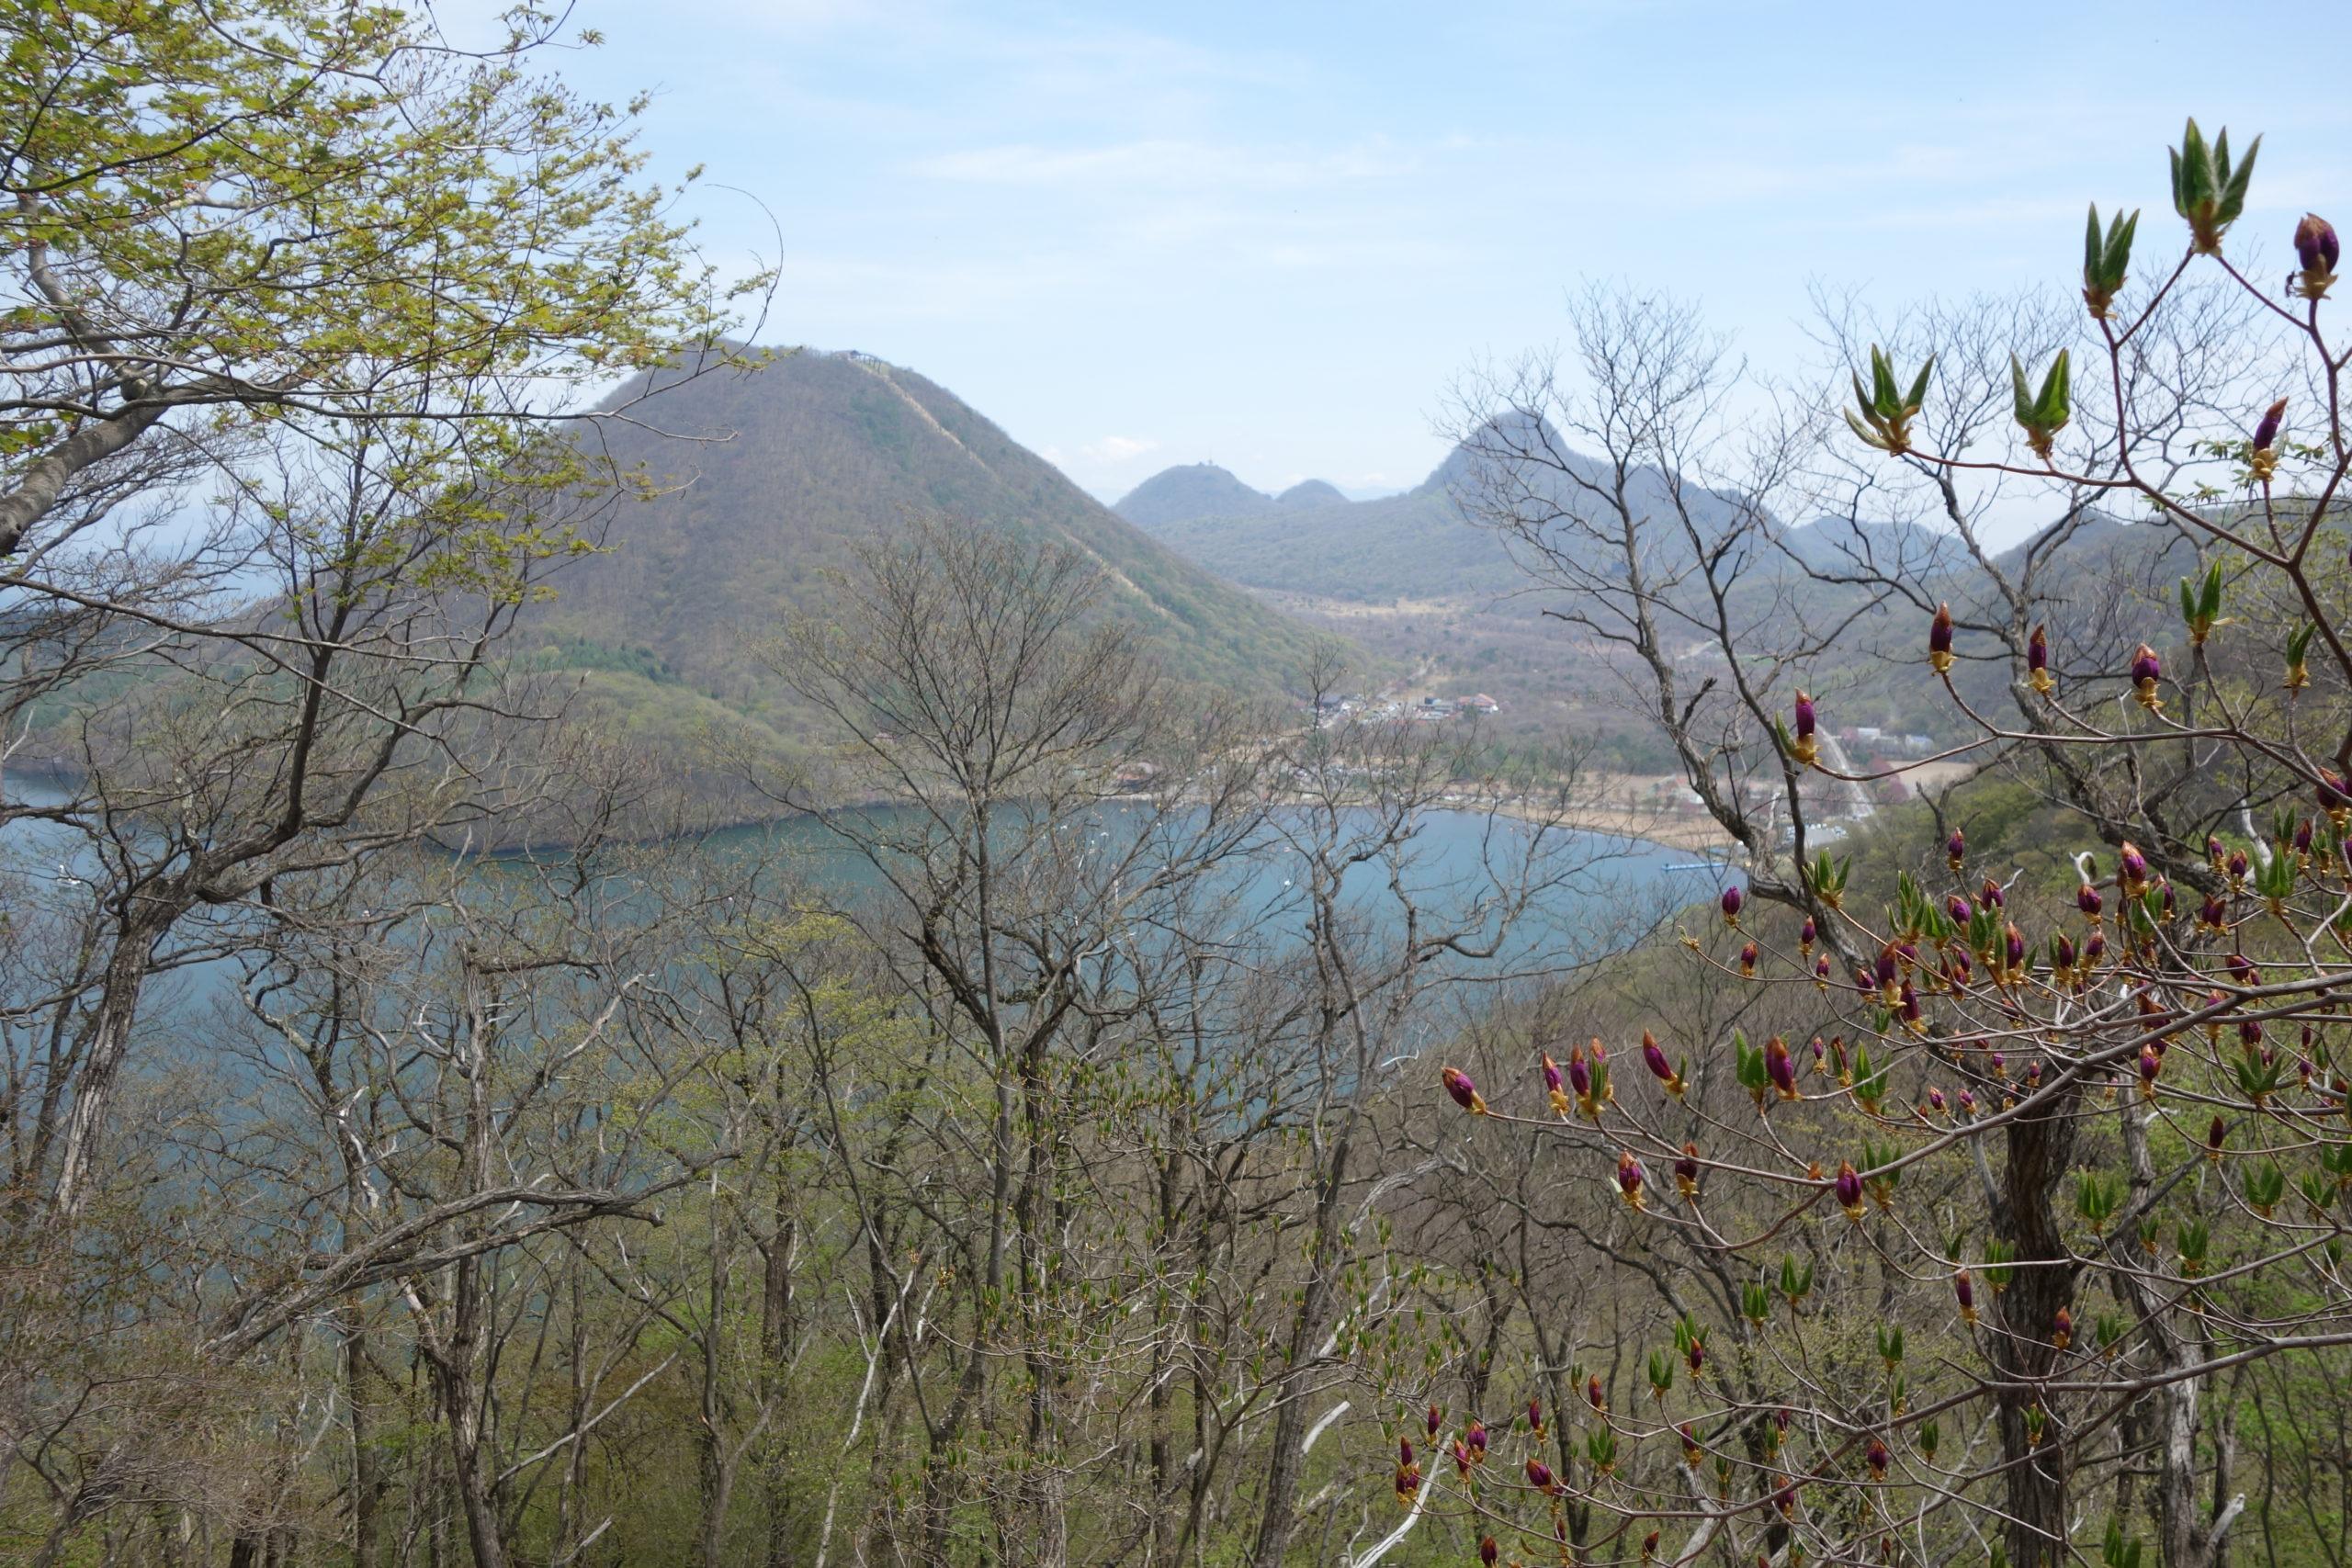 榛名湖一周 掃部岳山頂〜天目山山頂